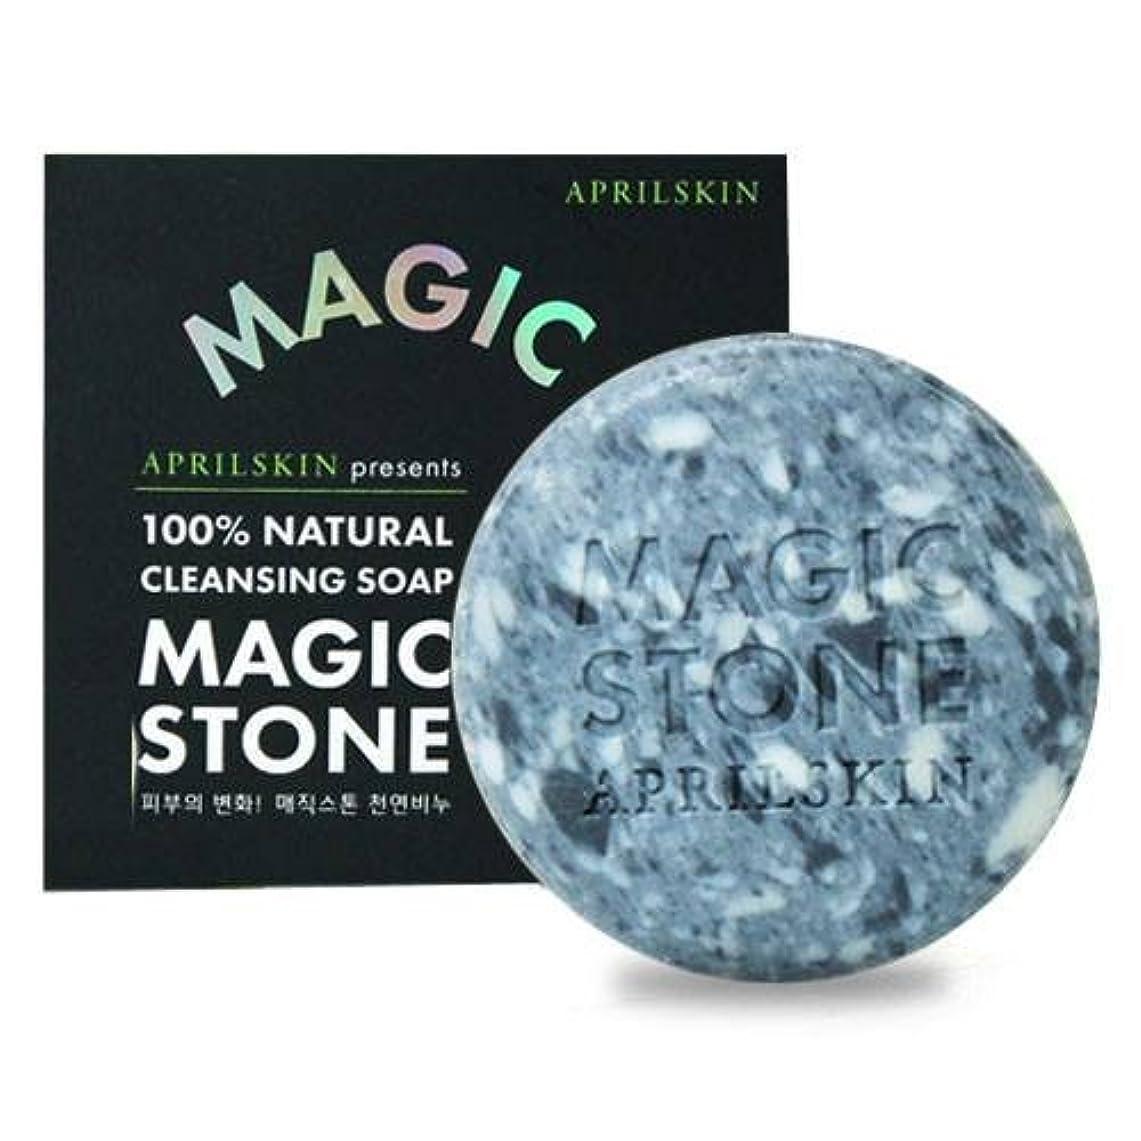 毒継承アトミック[APRILSKIN] エイプリルスキン国民石鹸 (APRIL SKIN magic stone マジックストーンのリニューアルバージョン新発売) (ORIGINAL) [並行輸入品]